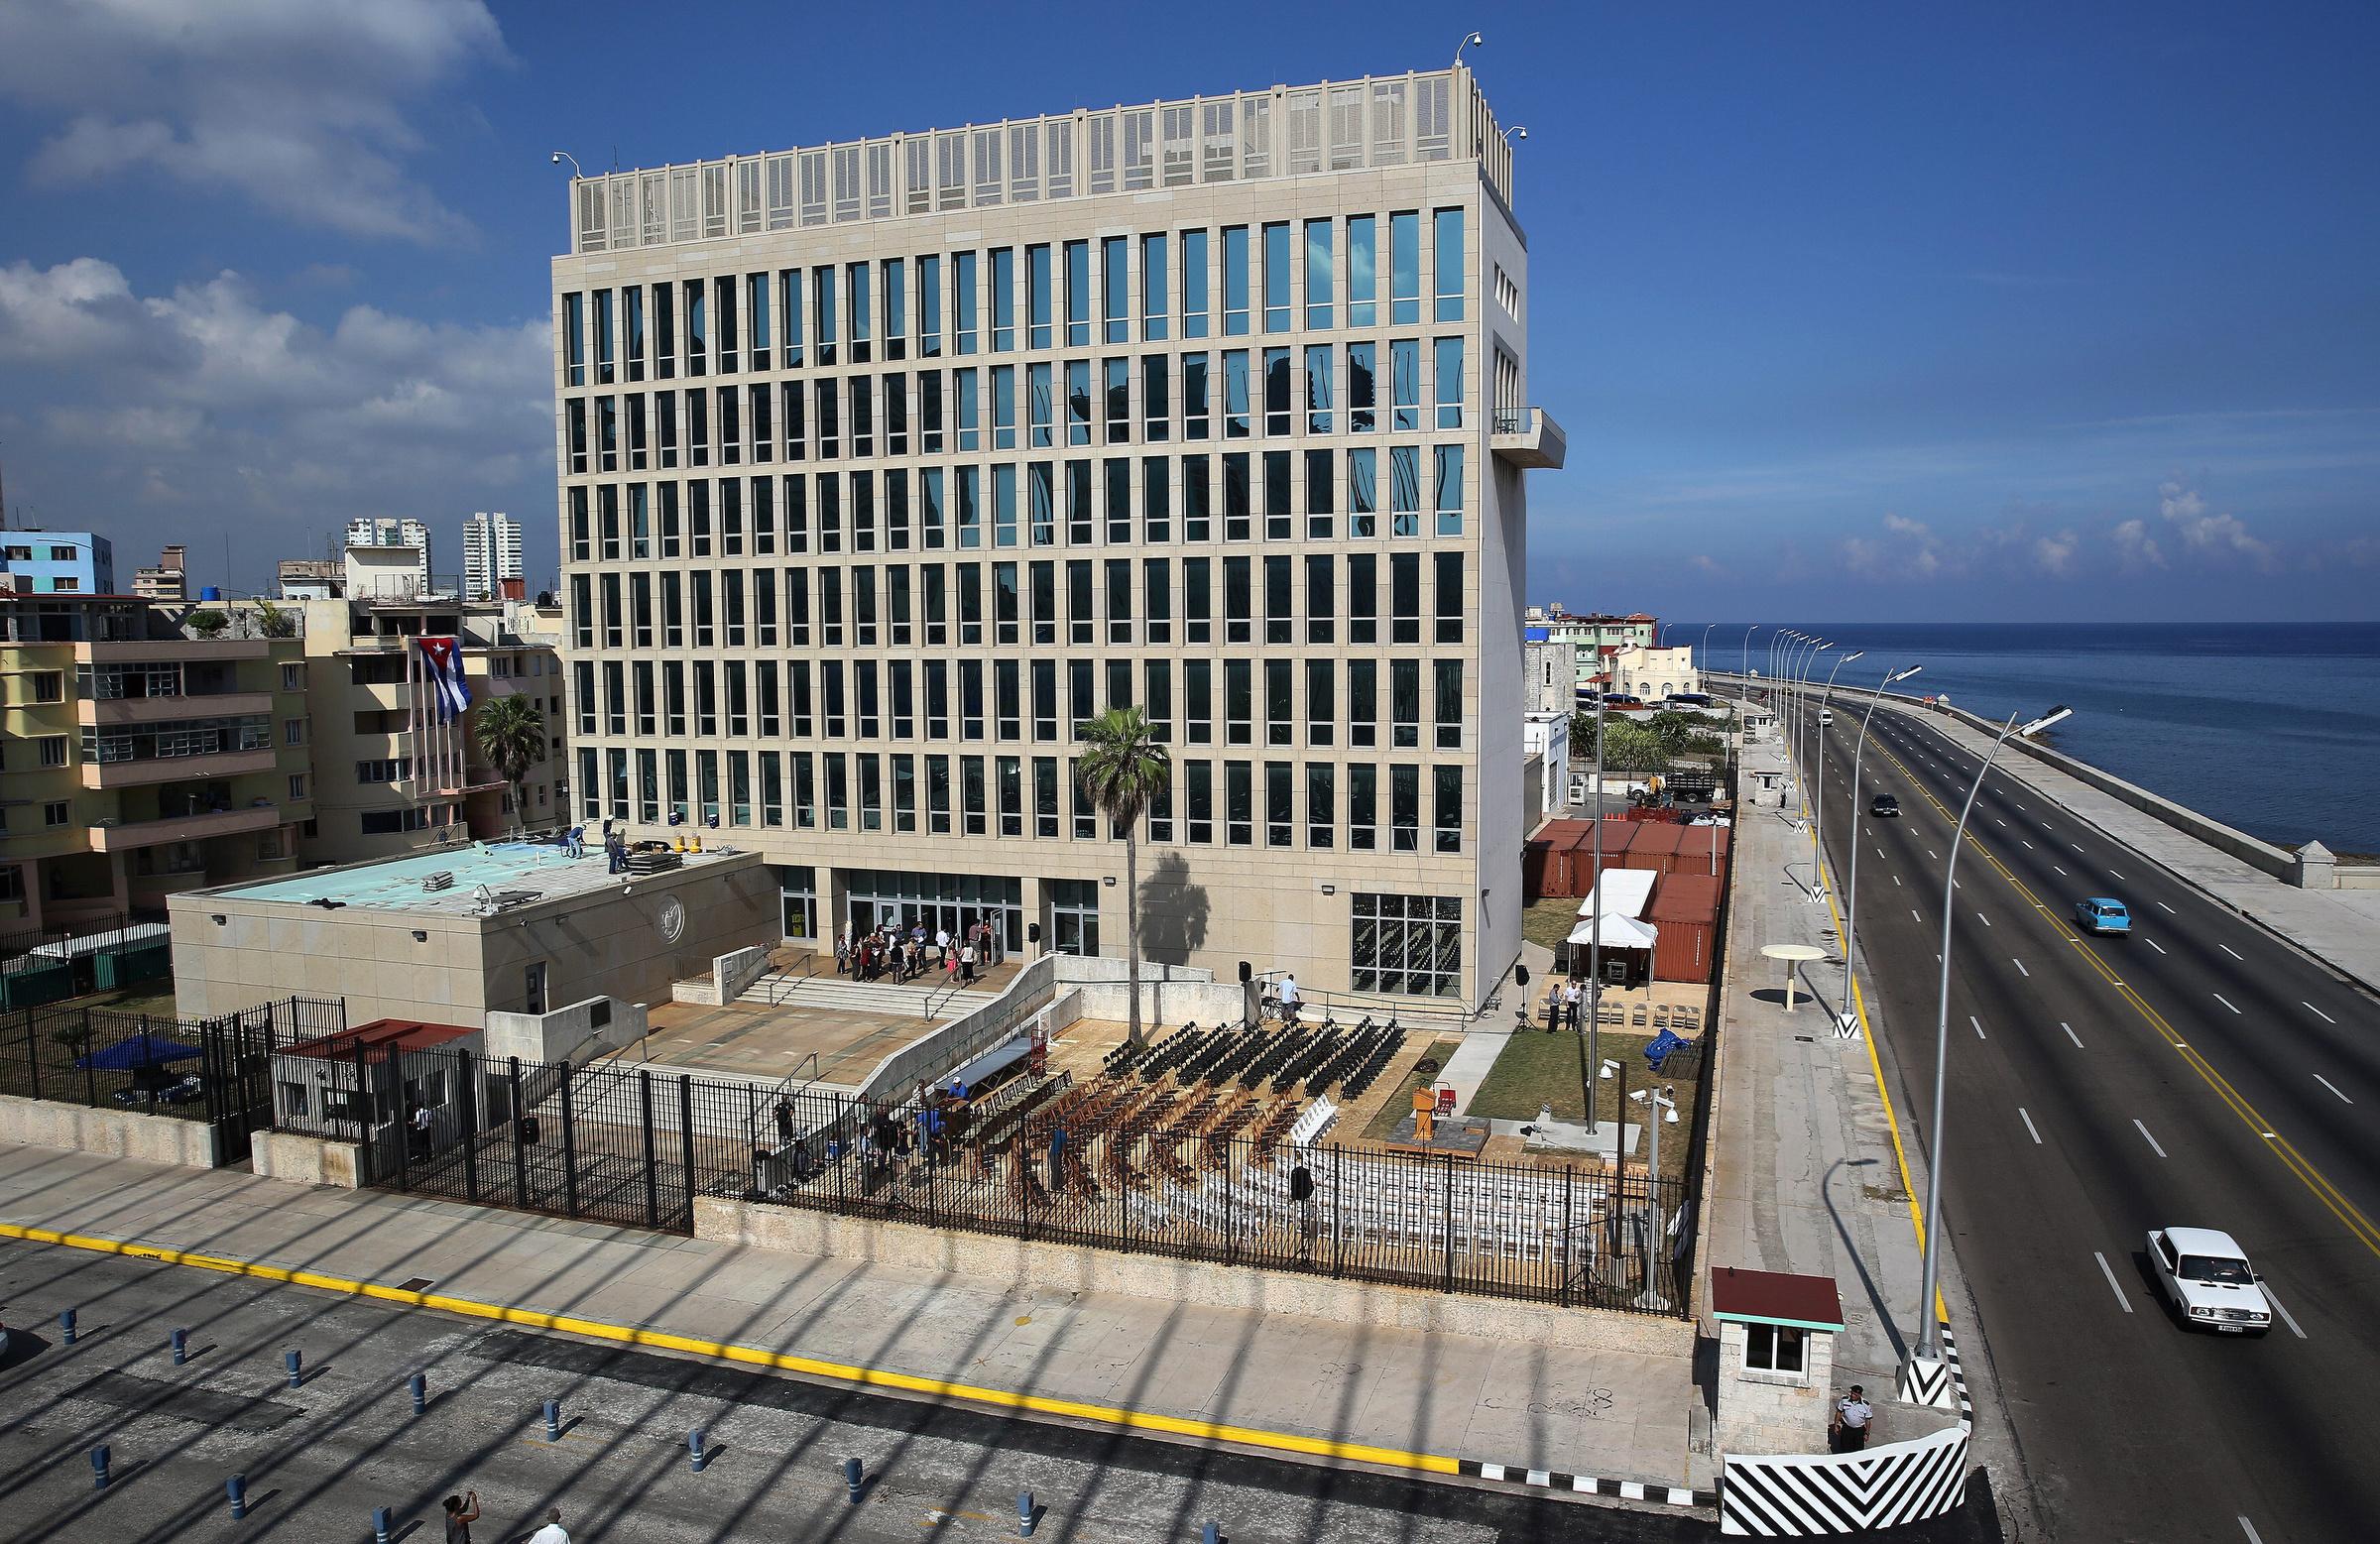 क्यूबा की राजधानी हवाना में स्थित अमेरिकी दूतावास में अजीबोगरीब आवाजें सुनकर करीब 2 दर्जन कर्मचारी बीमार पड़ गए थे।